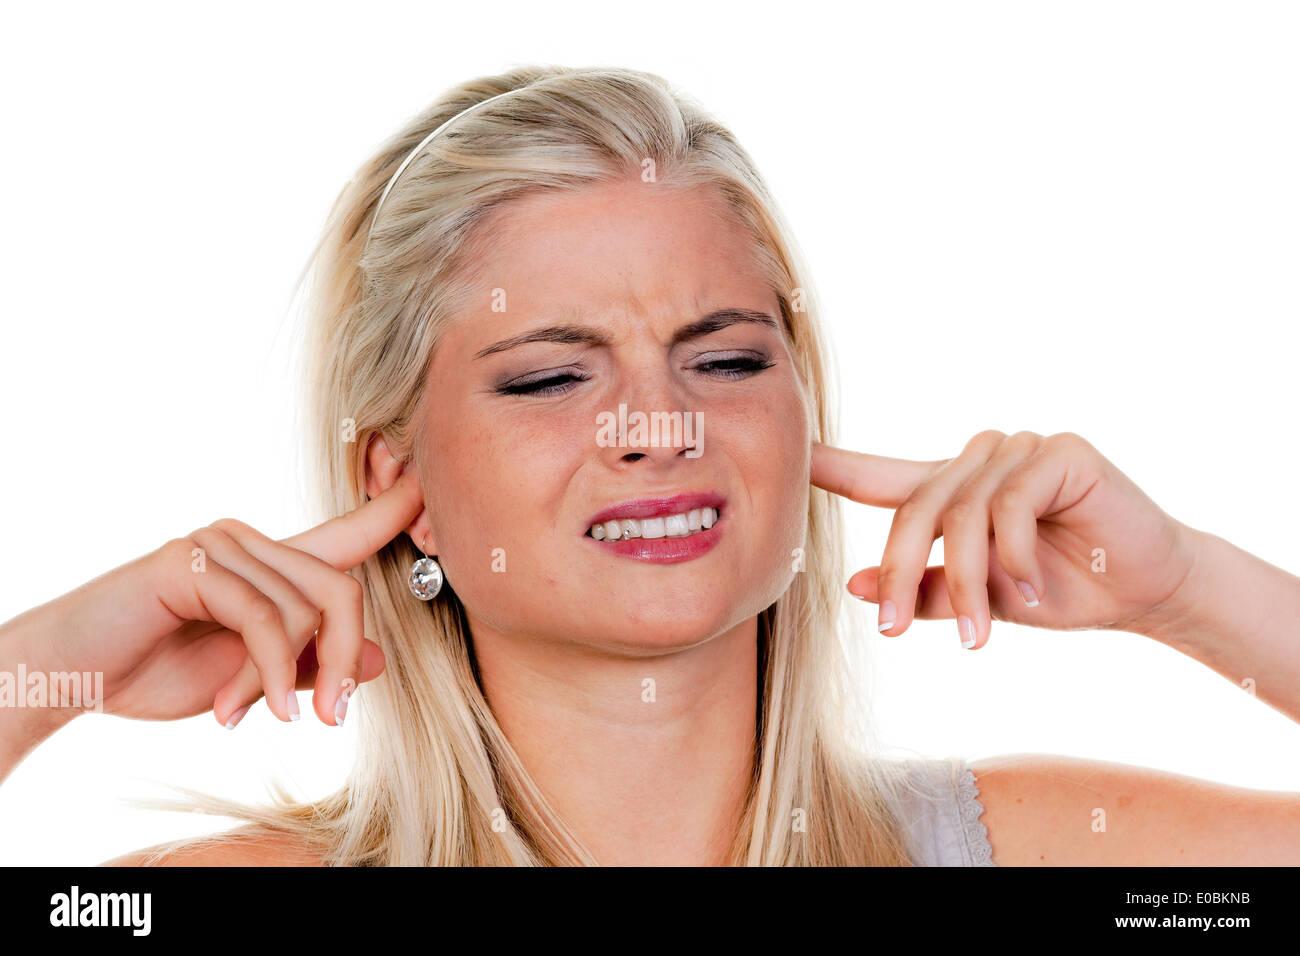 La donna soffre di inquinamento da rumore, mantiene chiusa a se stessa le orecchie Immagini Stock